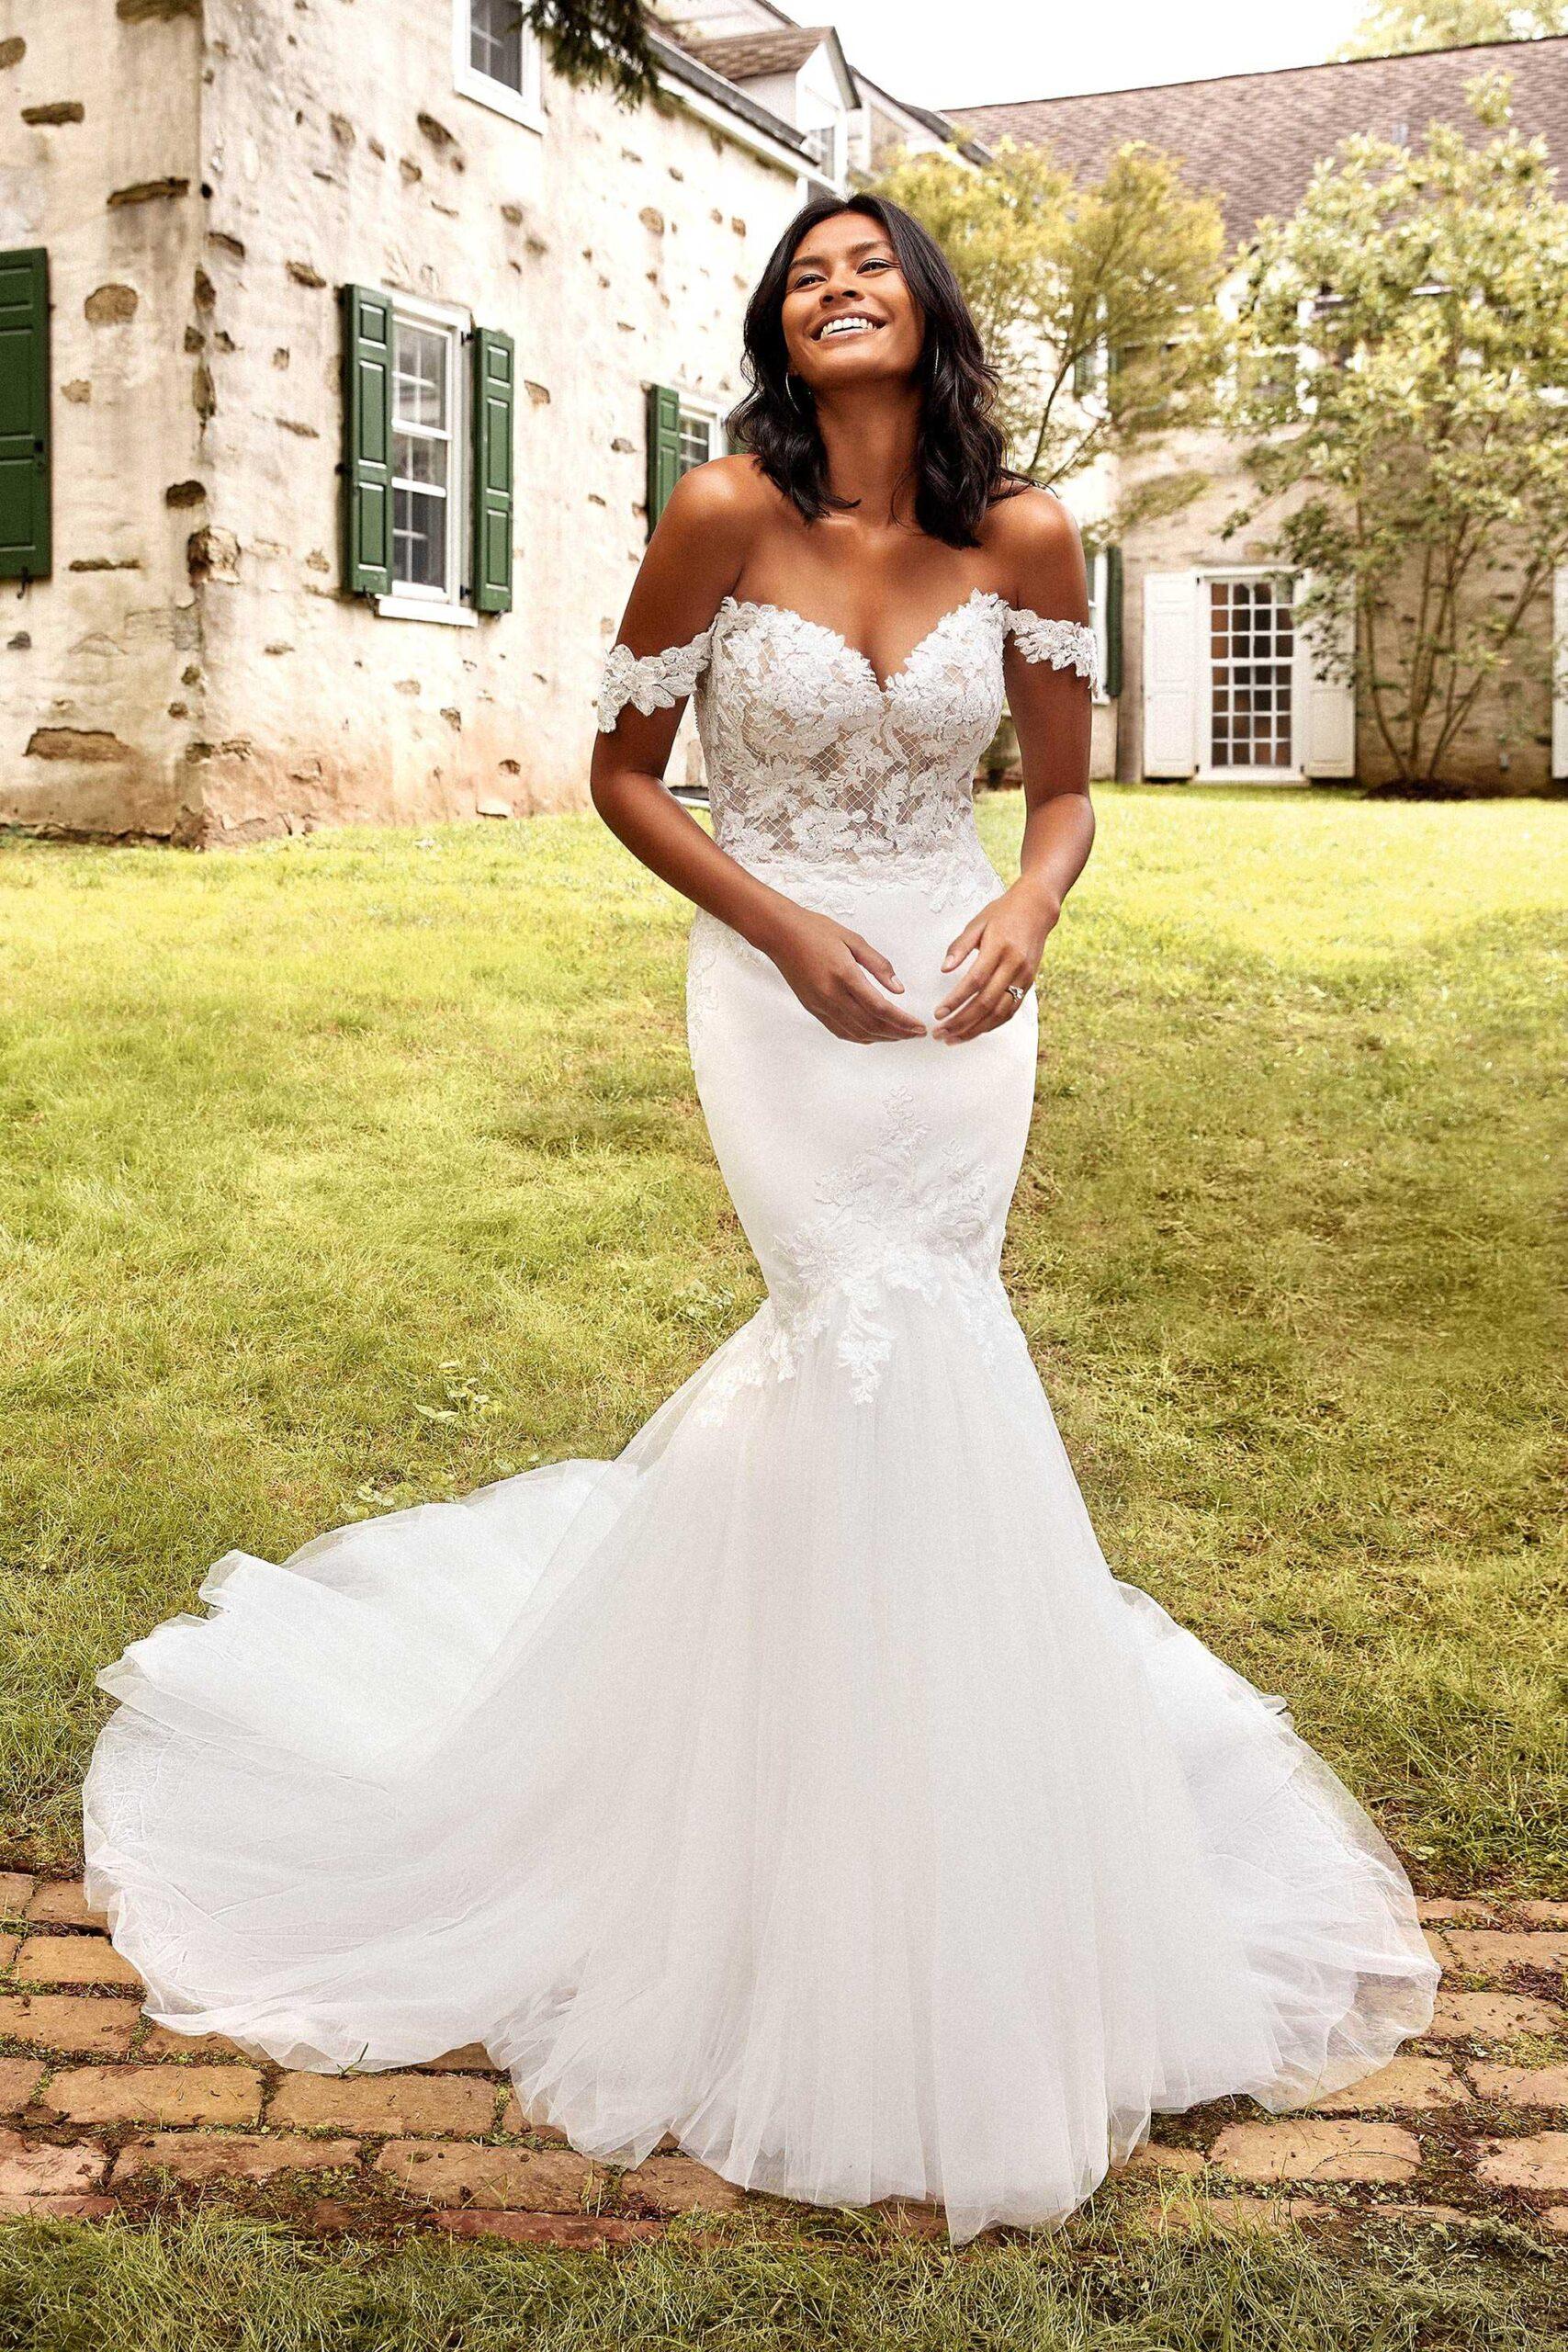 44271_FF_Sincerity-Bridal